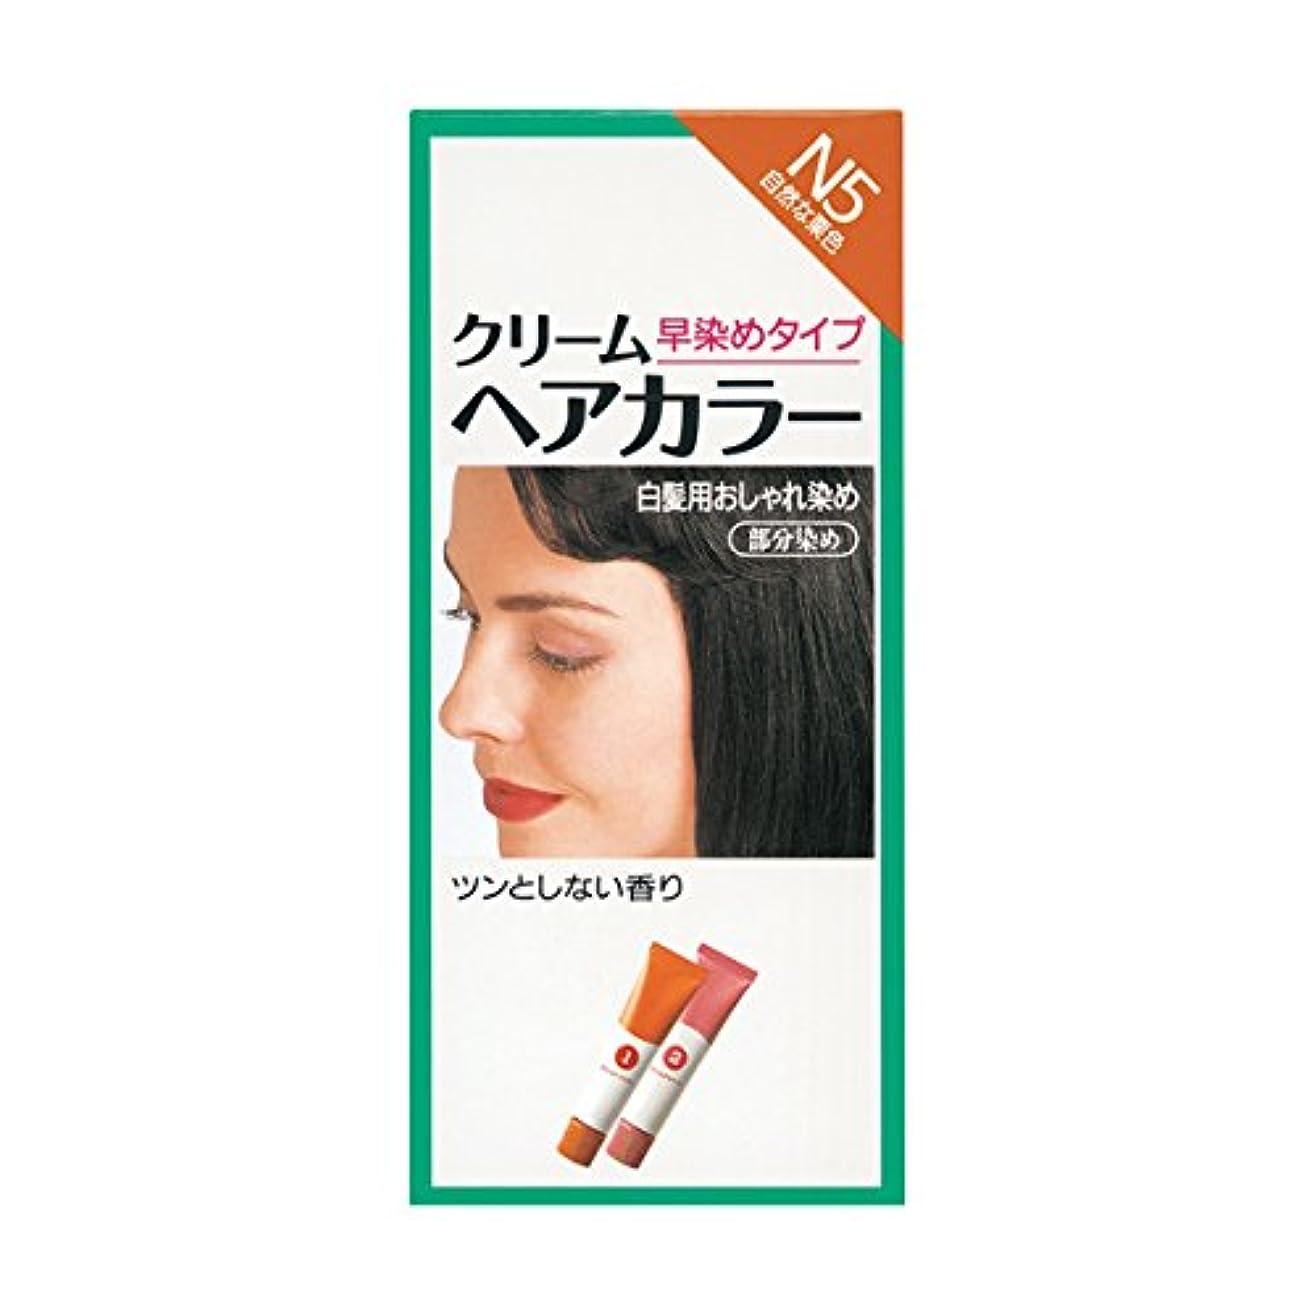 委託恐怖モロニックヘアカラー クリームヘアカラーN N5 【医薬部外品】